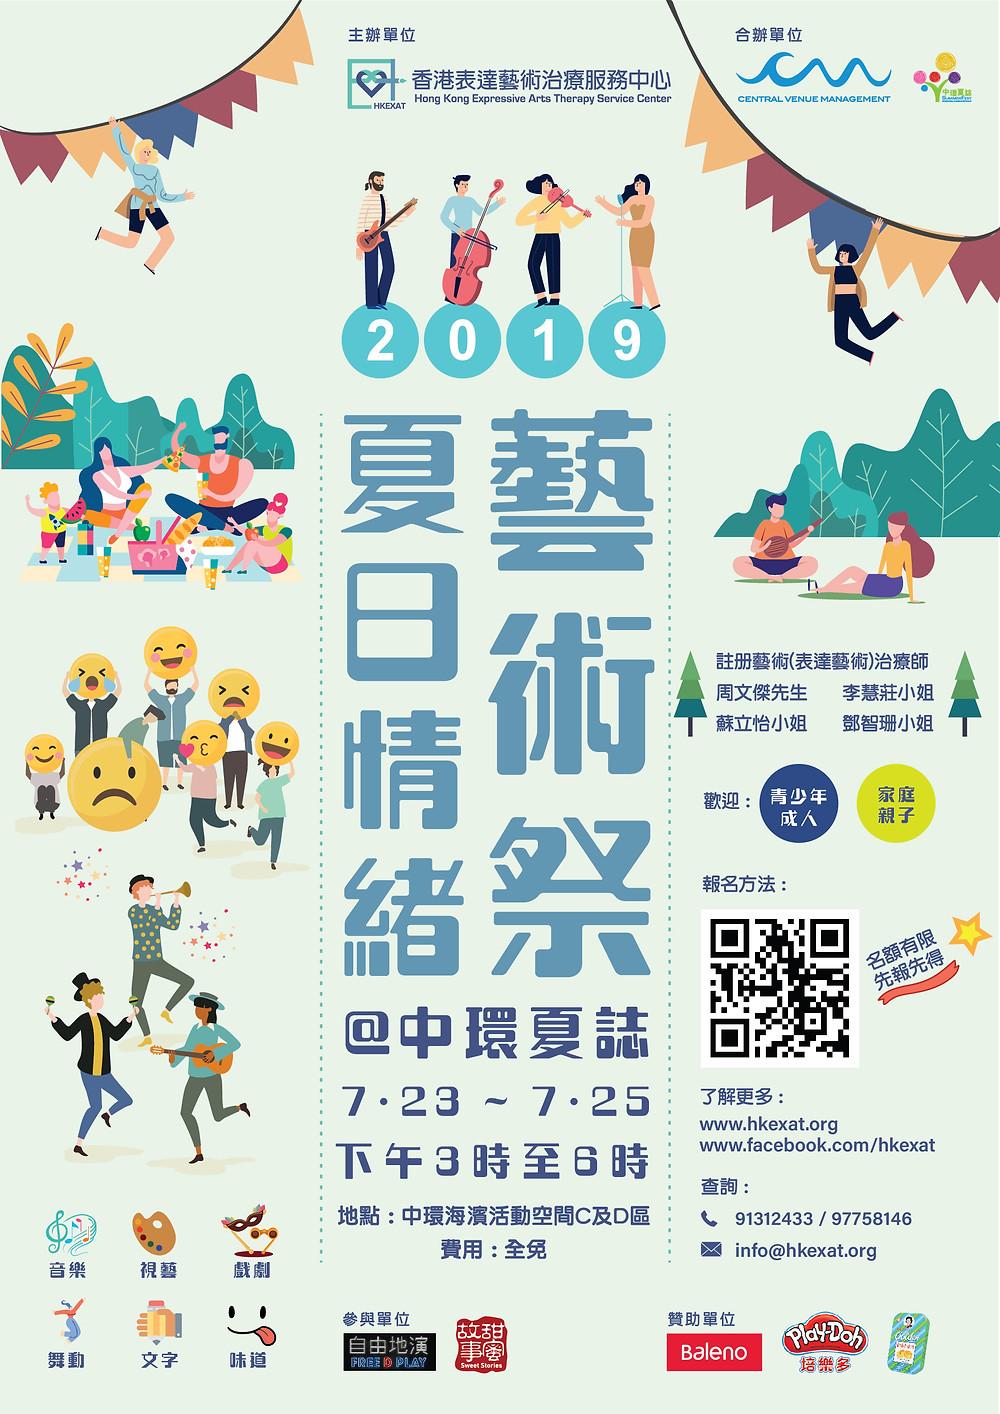 #免費社區活動 #情緒 #表達藝術 #夏日情緒藝術祭 #中環夏誌 #香港表達藝術治療服務中心